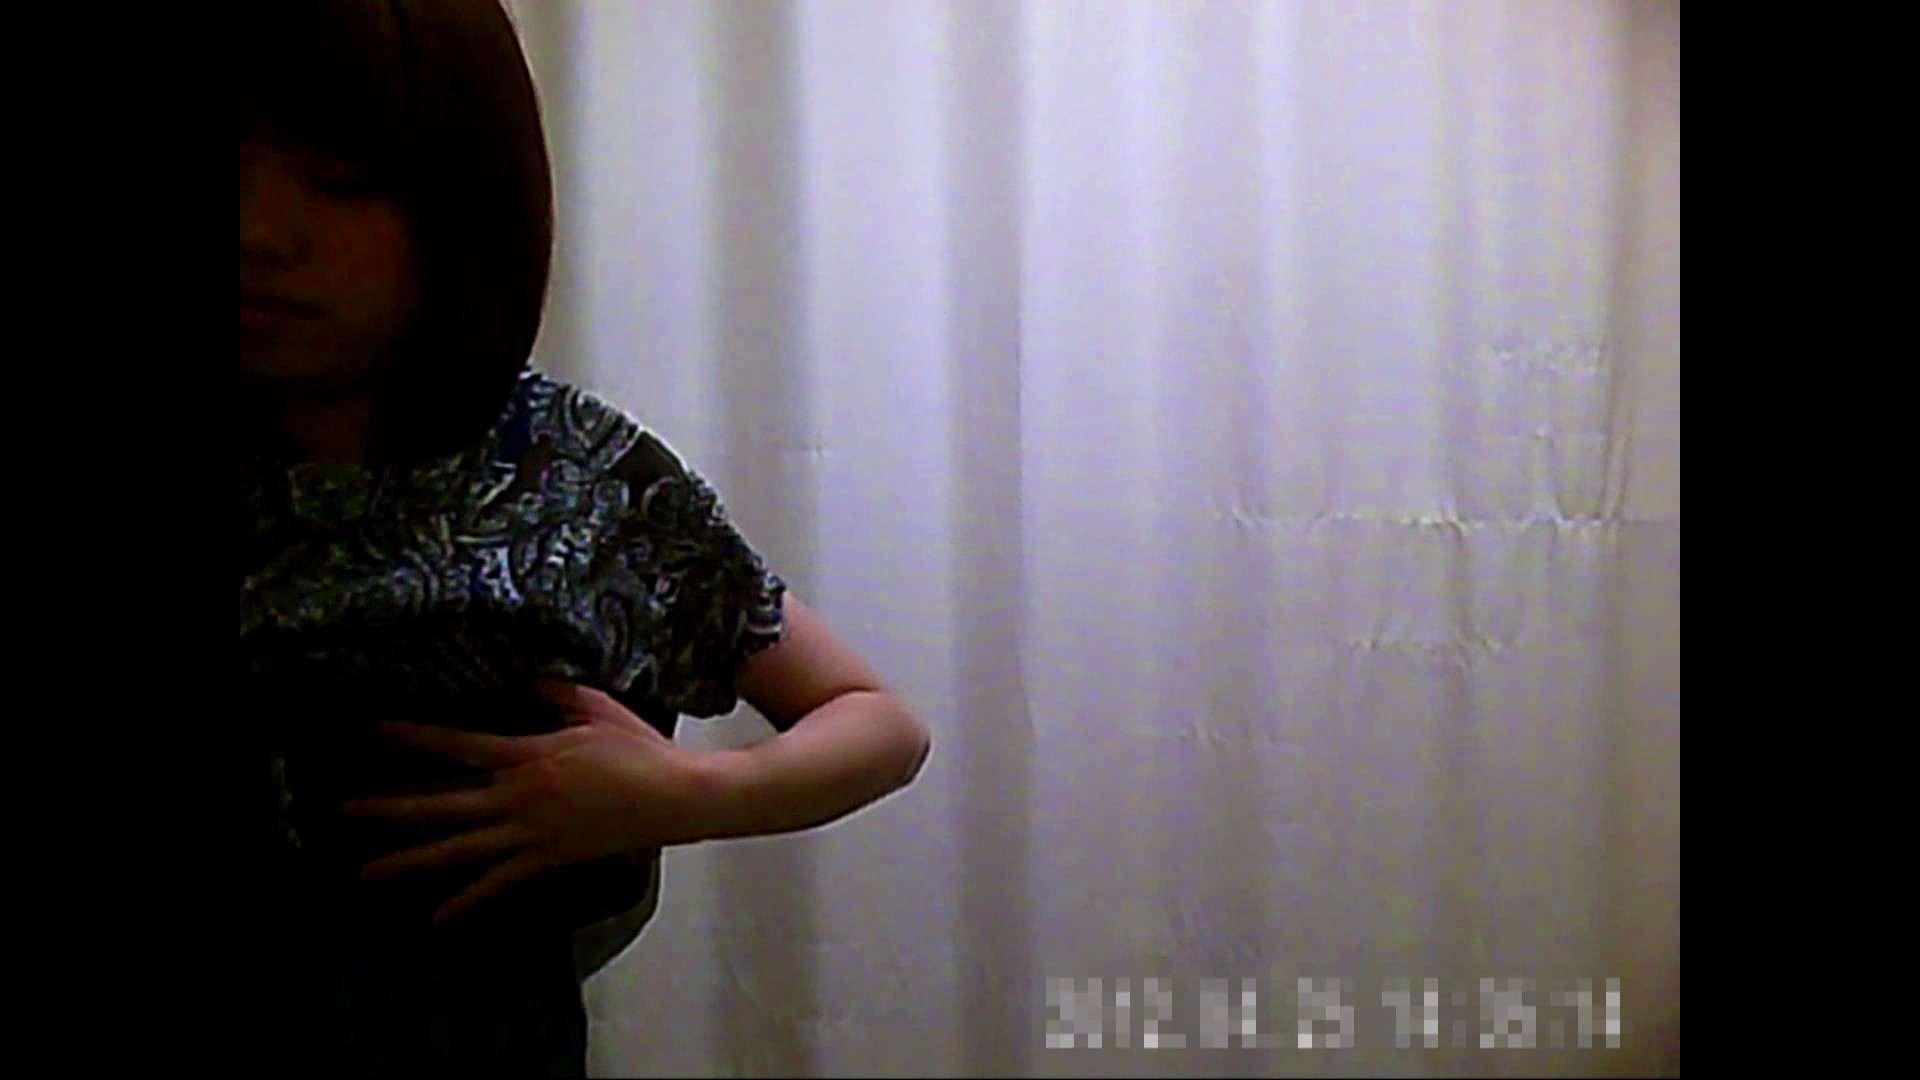 元医者による反抗 更衣室地獄絵巻 vol.008 エッチすぎるOL達 | 0  25連発 21